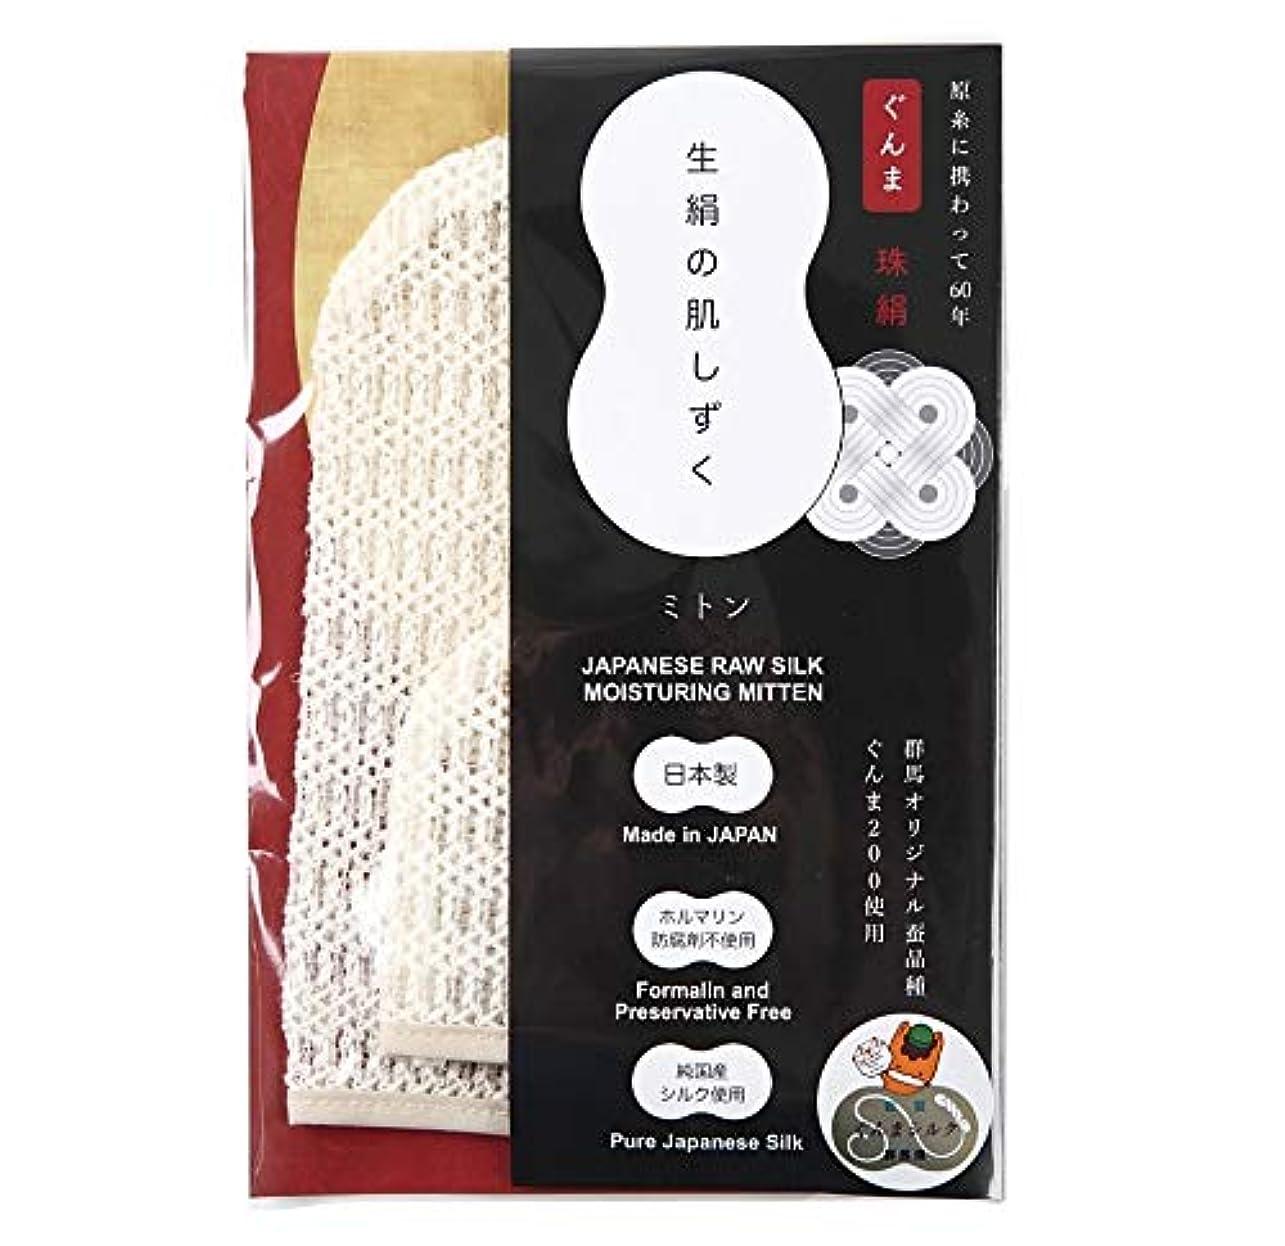 シャトルフクロウスキップくーる&ほっと ネットロウシルクミトン 純国産生絹100%「 珠絹(たまぎぬ) 生絹の肌しずく」 ぐんまシルク 100% (群馬県内で一貫製造) 日本製 シルクプロテイン?セリシンそのまま たっぷり 大小セット ネットロウミトン